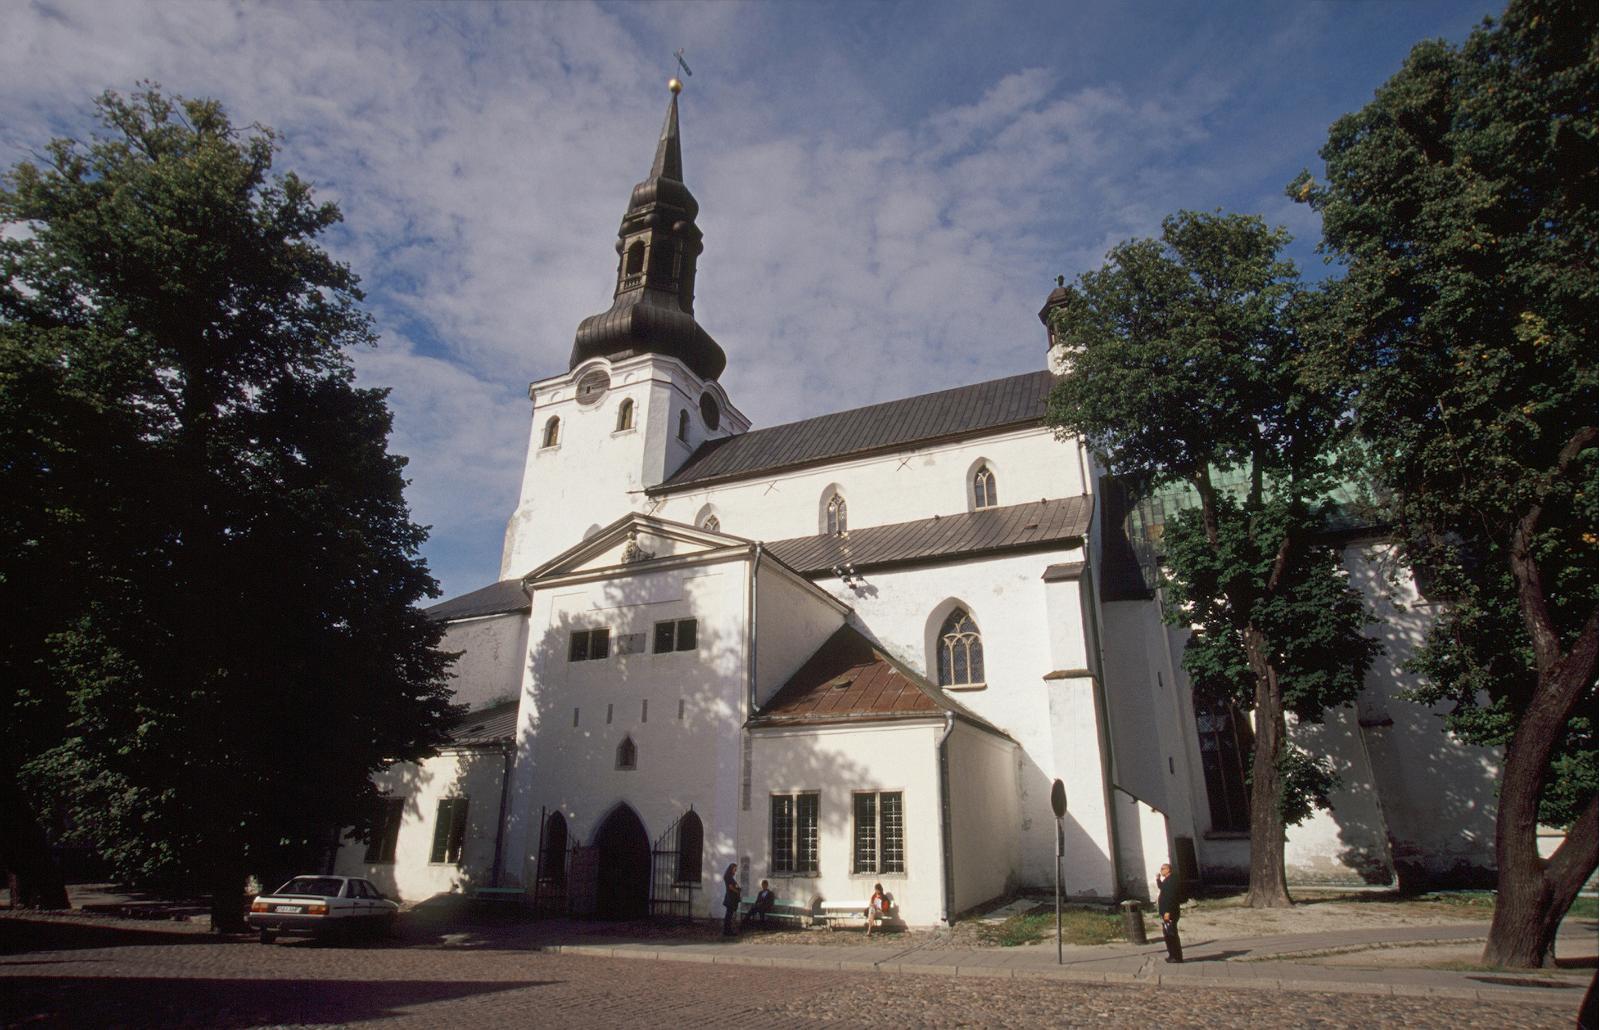 nr026  1 - ТОП-10 достопримечательностей Таллина